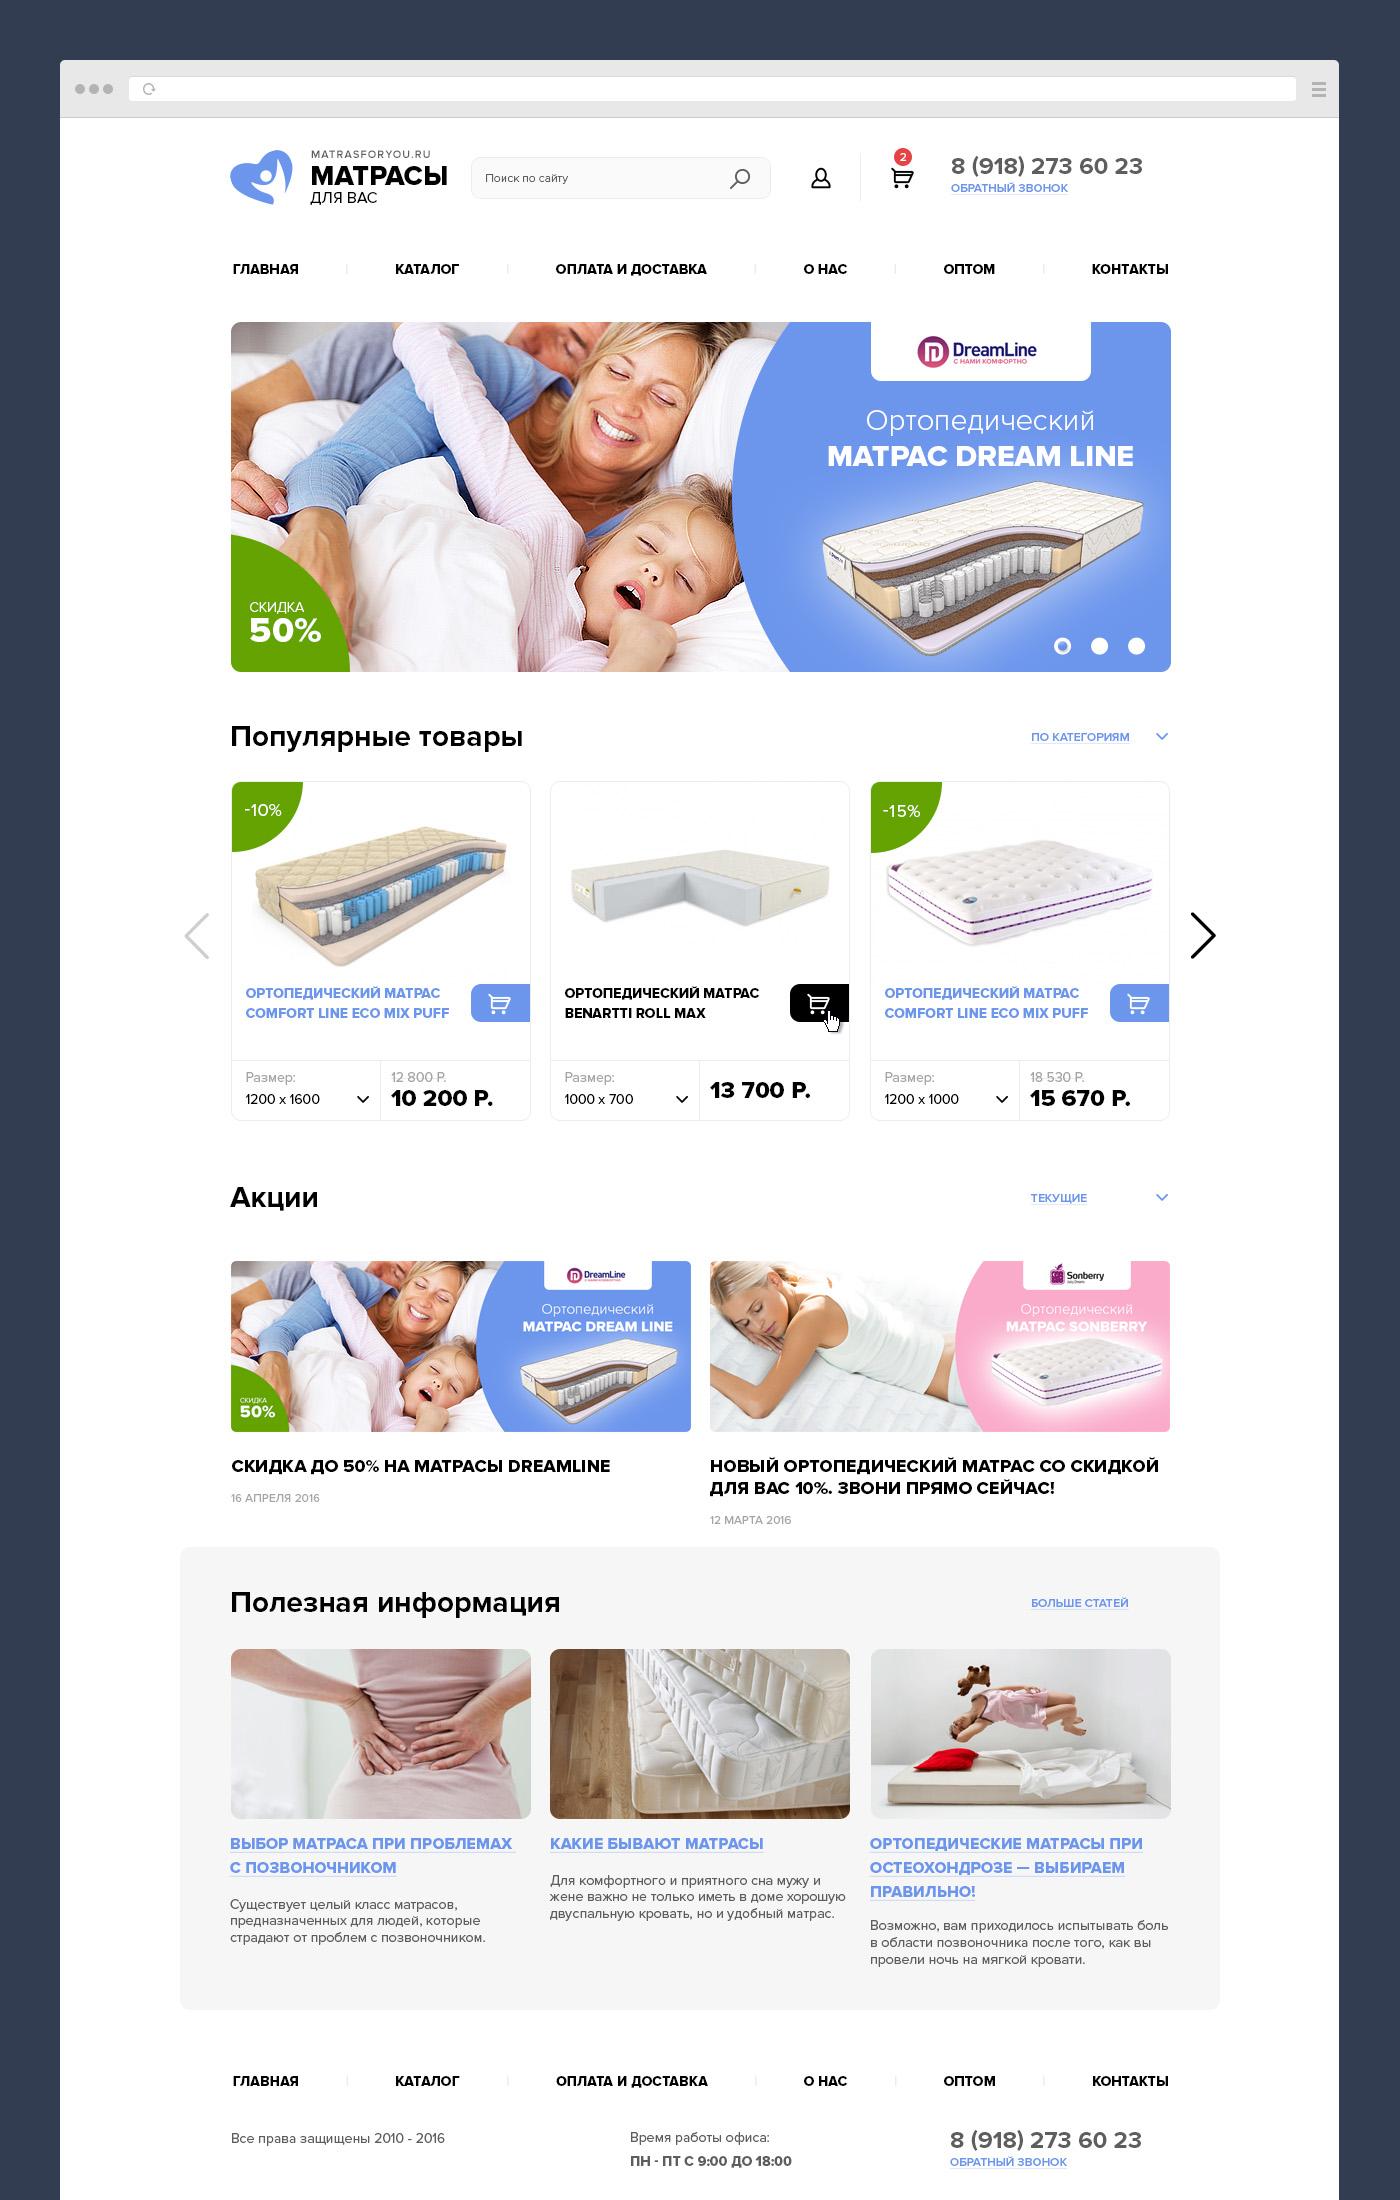 Адаптивный дизайн интернет магазина матрасов